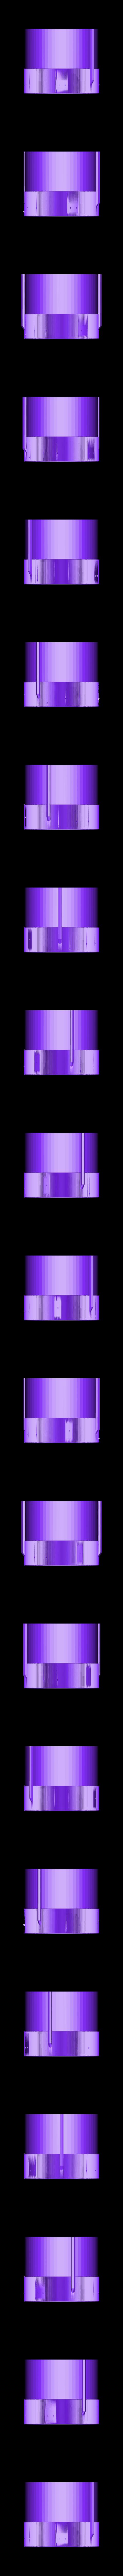 S-I top part a.stl Télécharger fichier STL gratuit Saturn V Rocket - Stage 1 • Objet pour imprimante 3D, spac3D